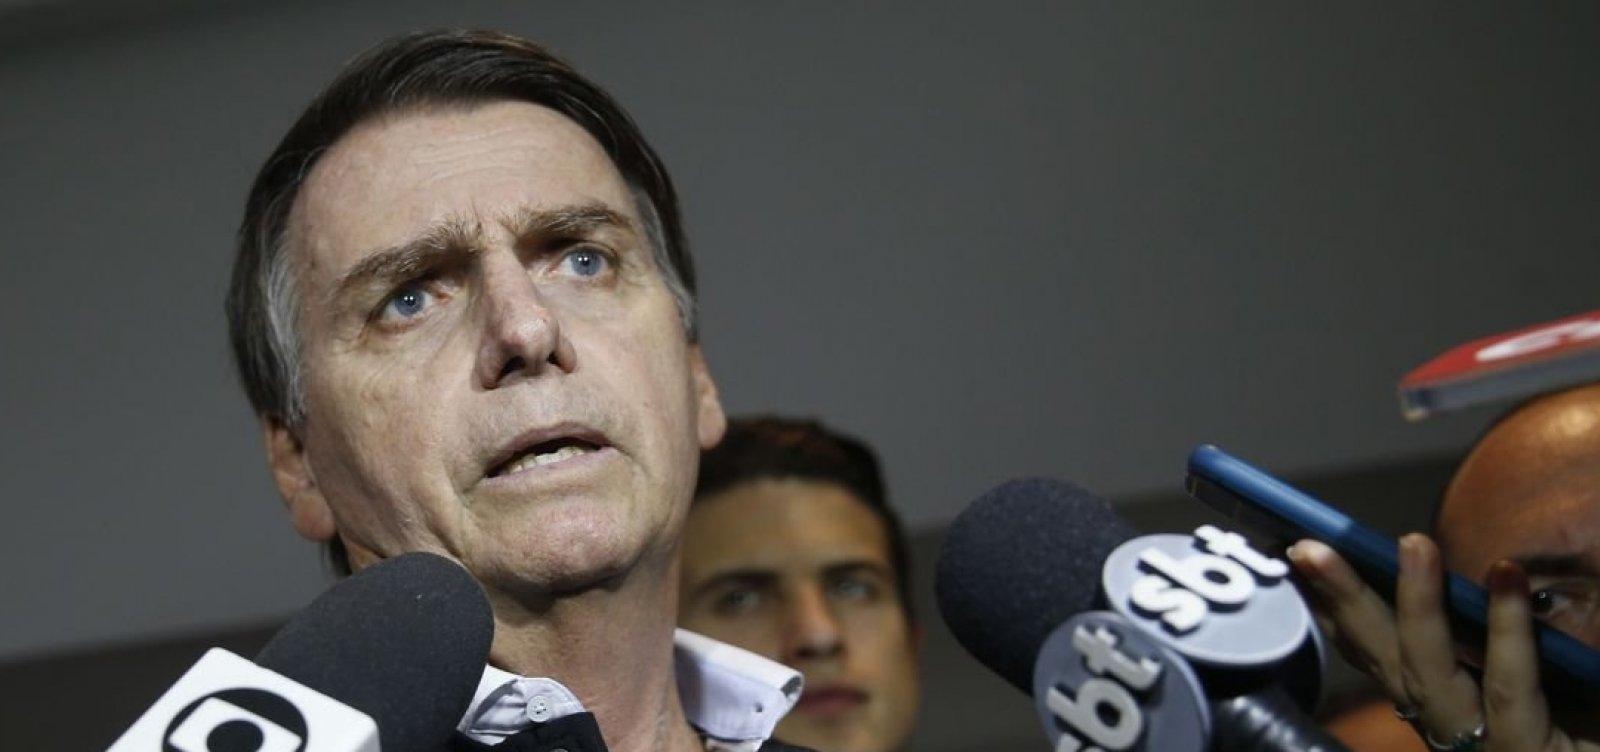 Bolsonaro diz que participará de debate com Haddad se não houver terceiros